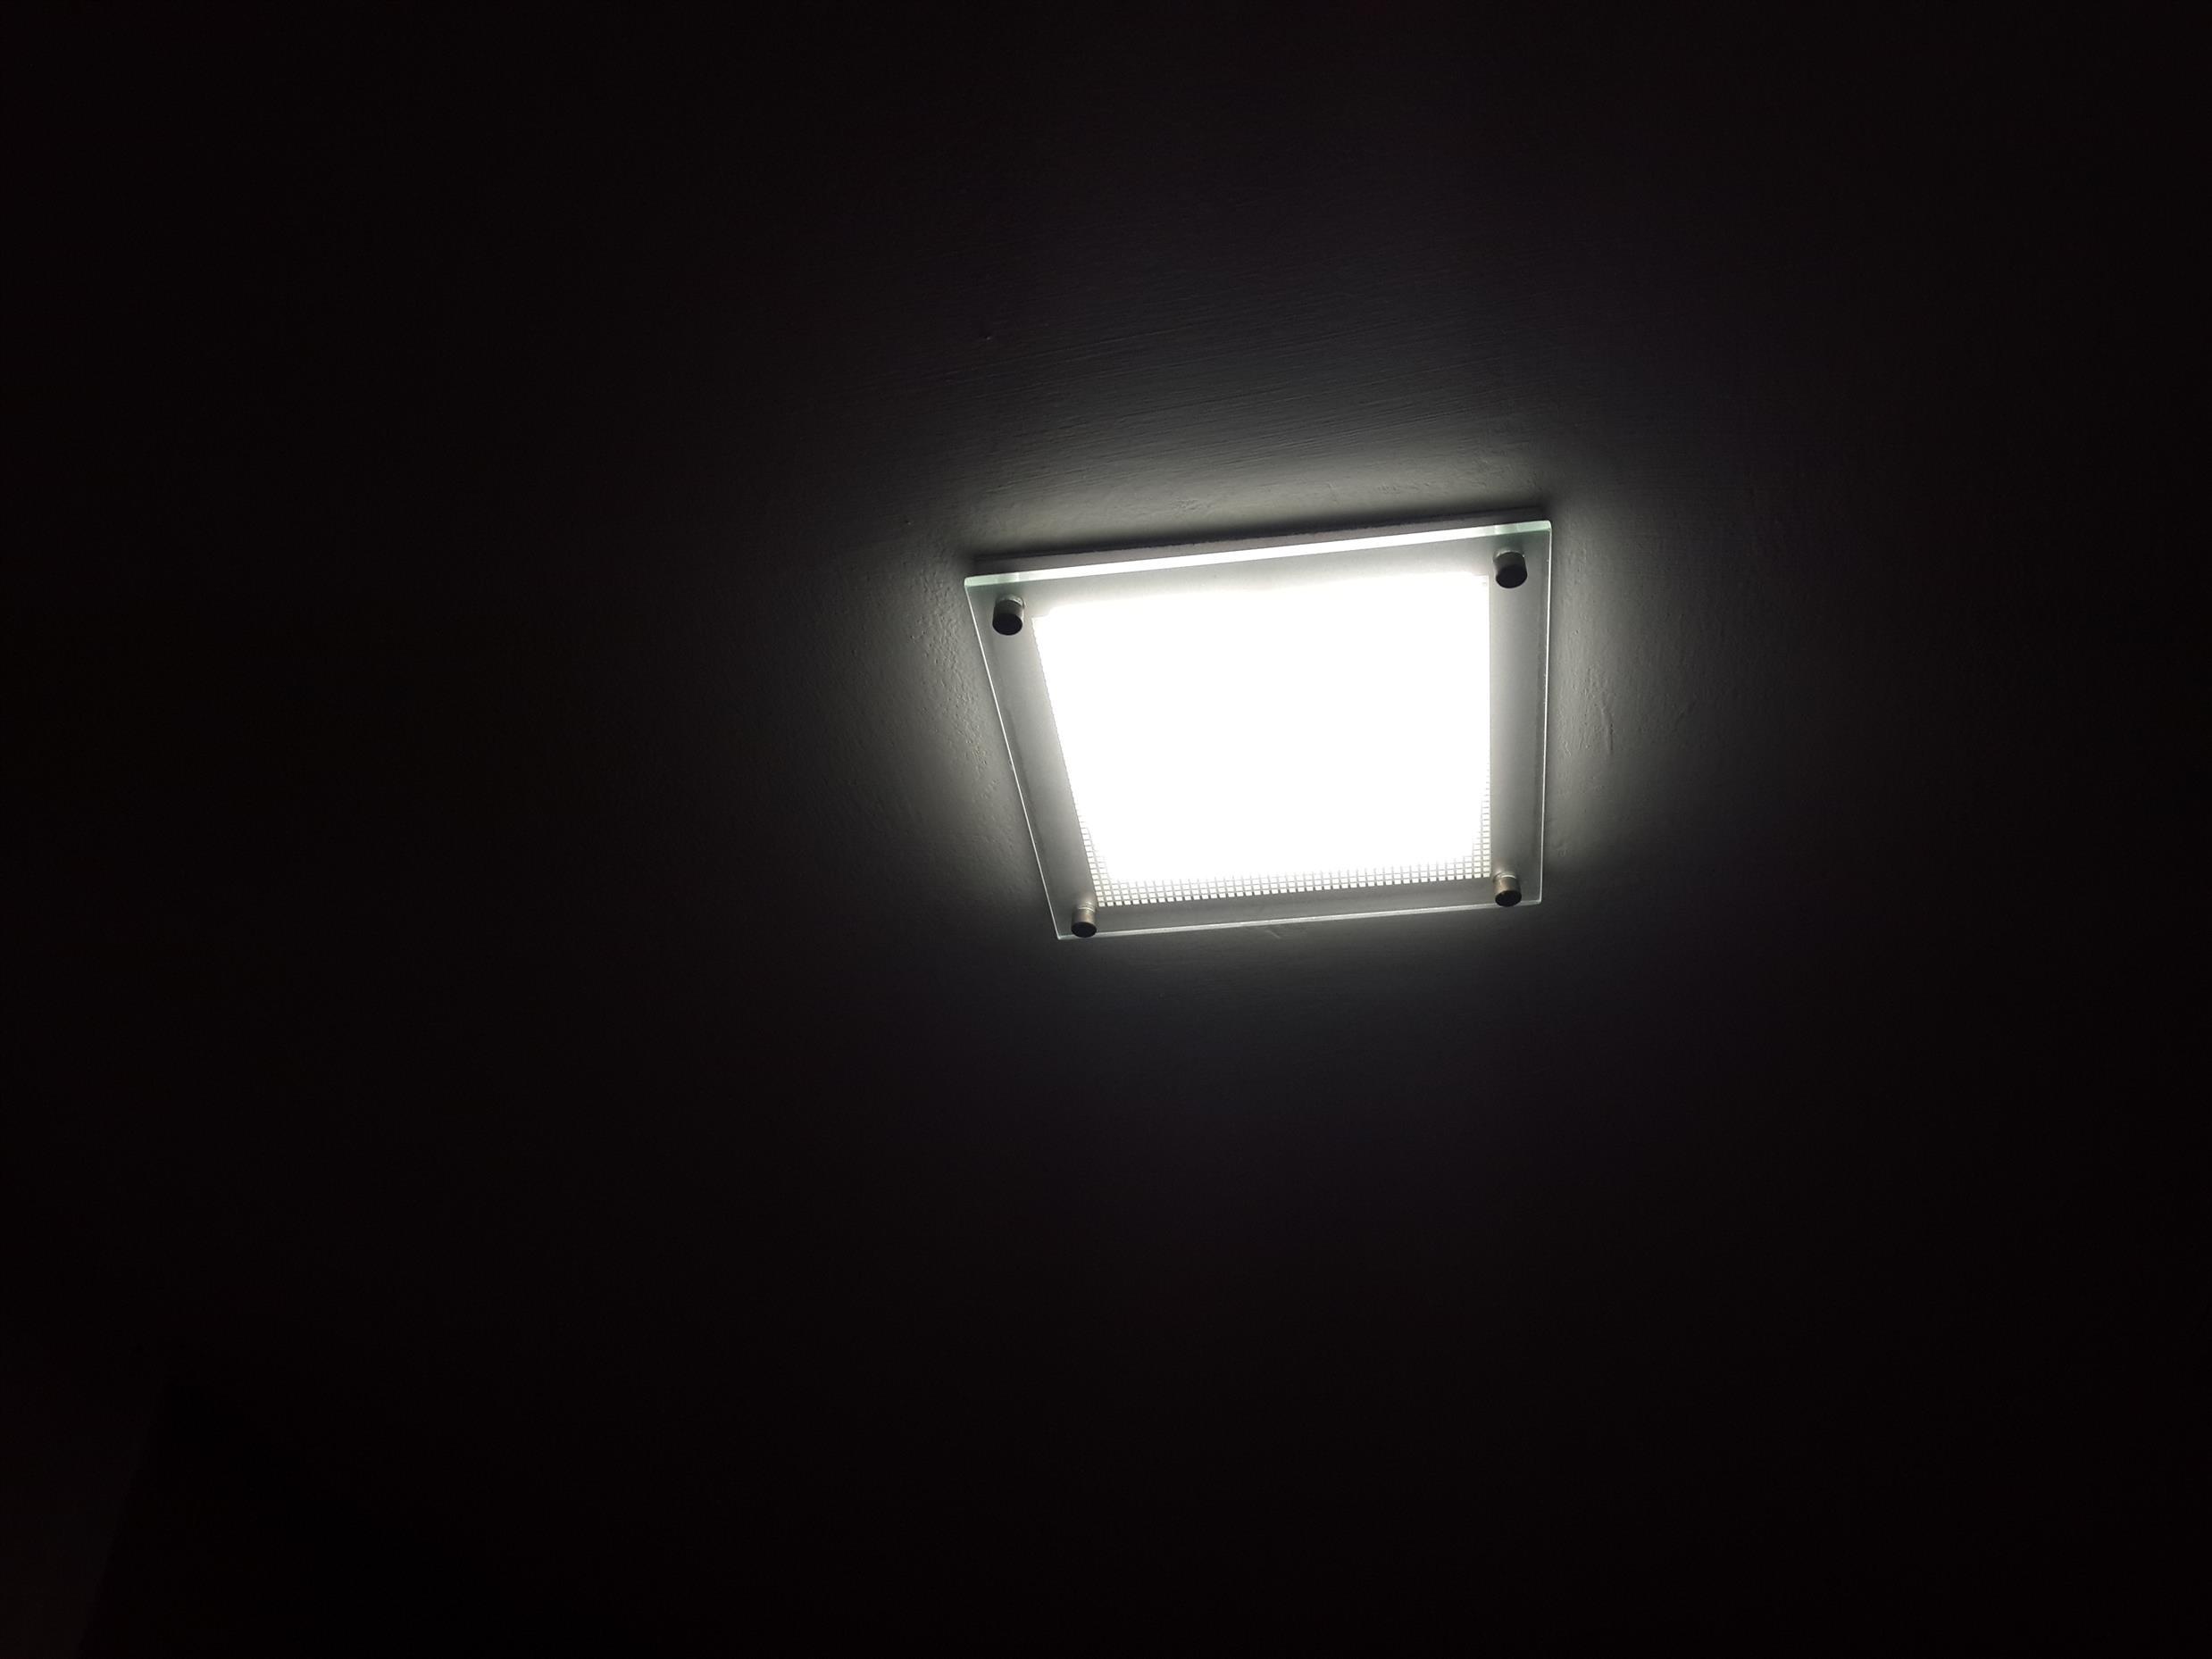 התקנת גוף תאורה